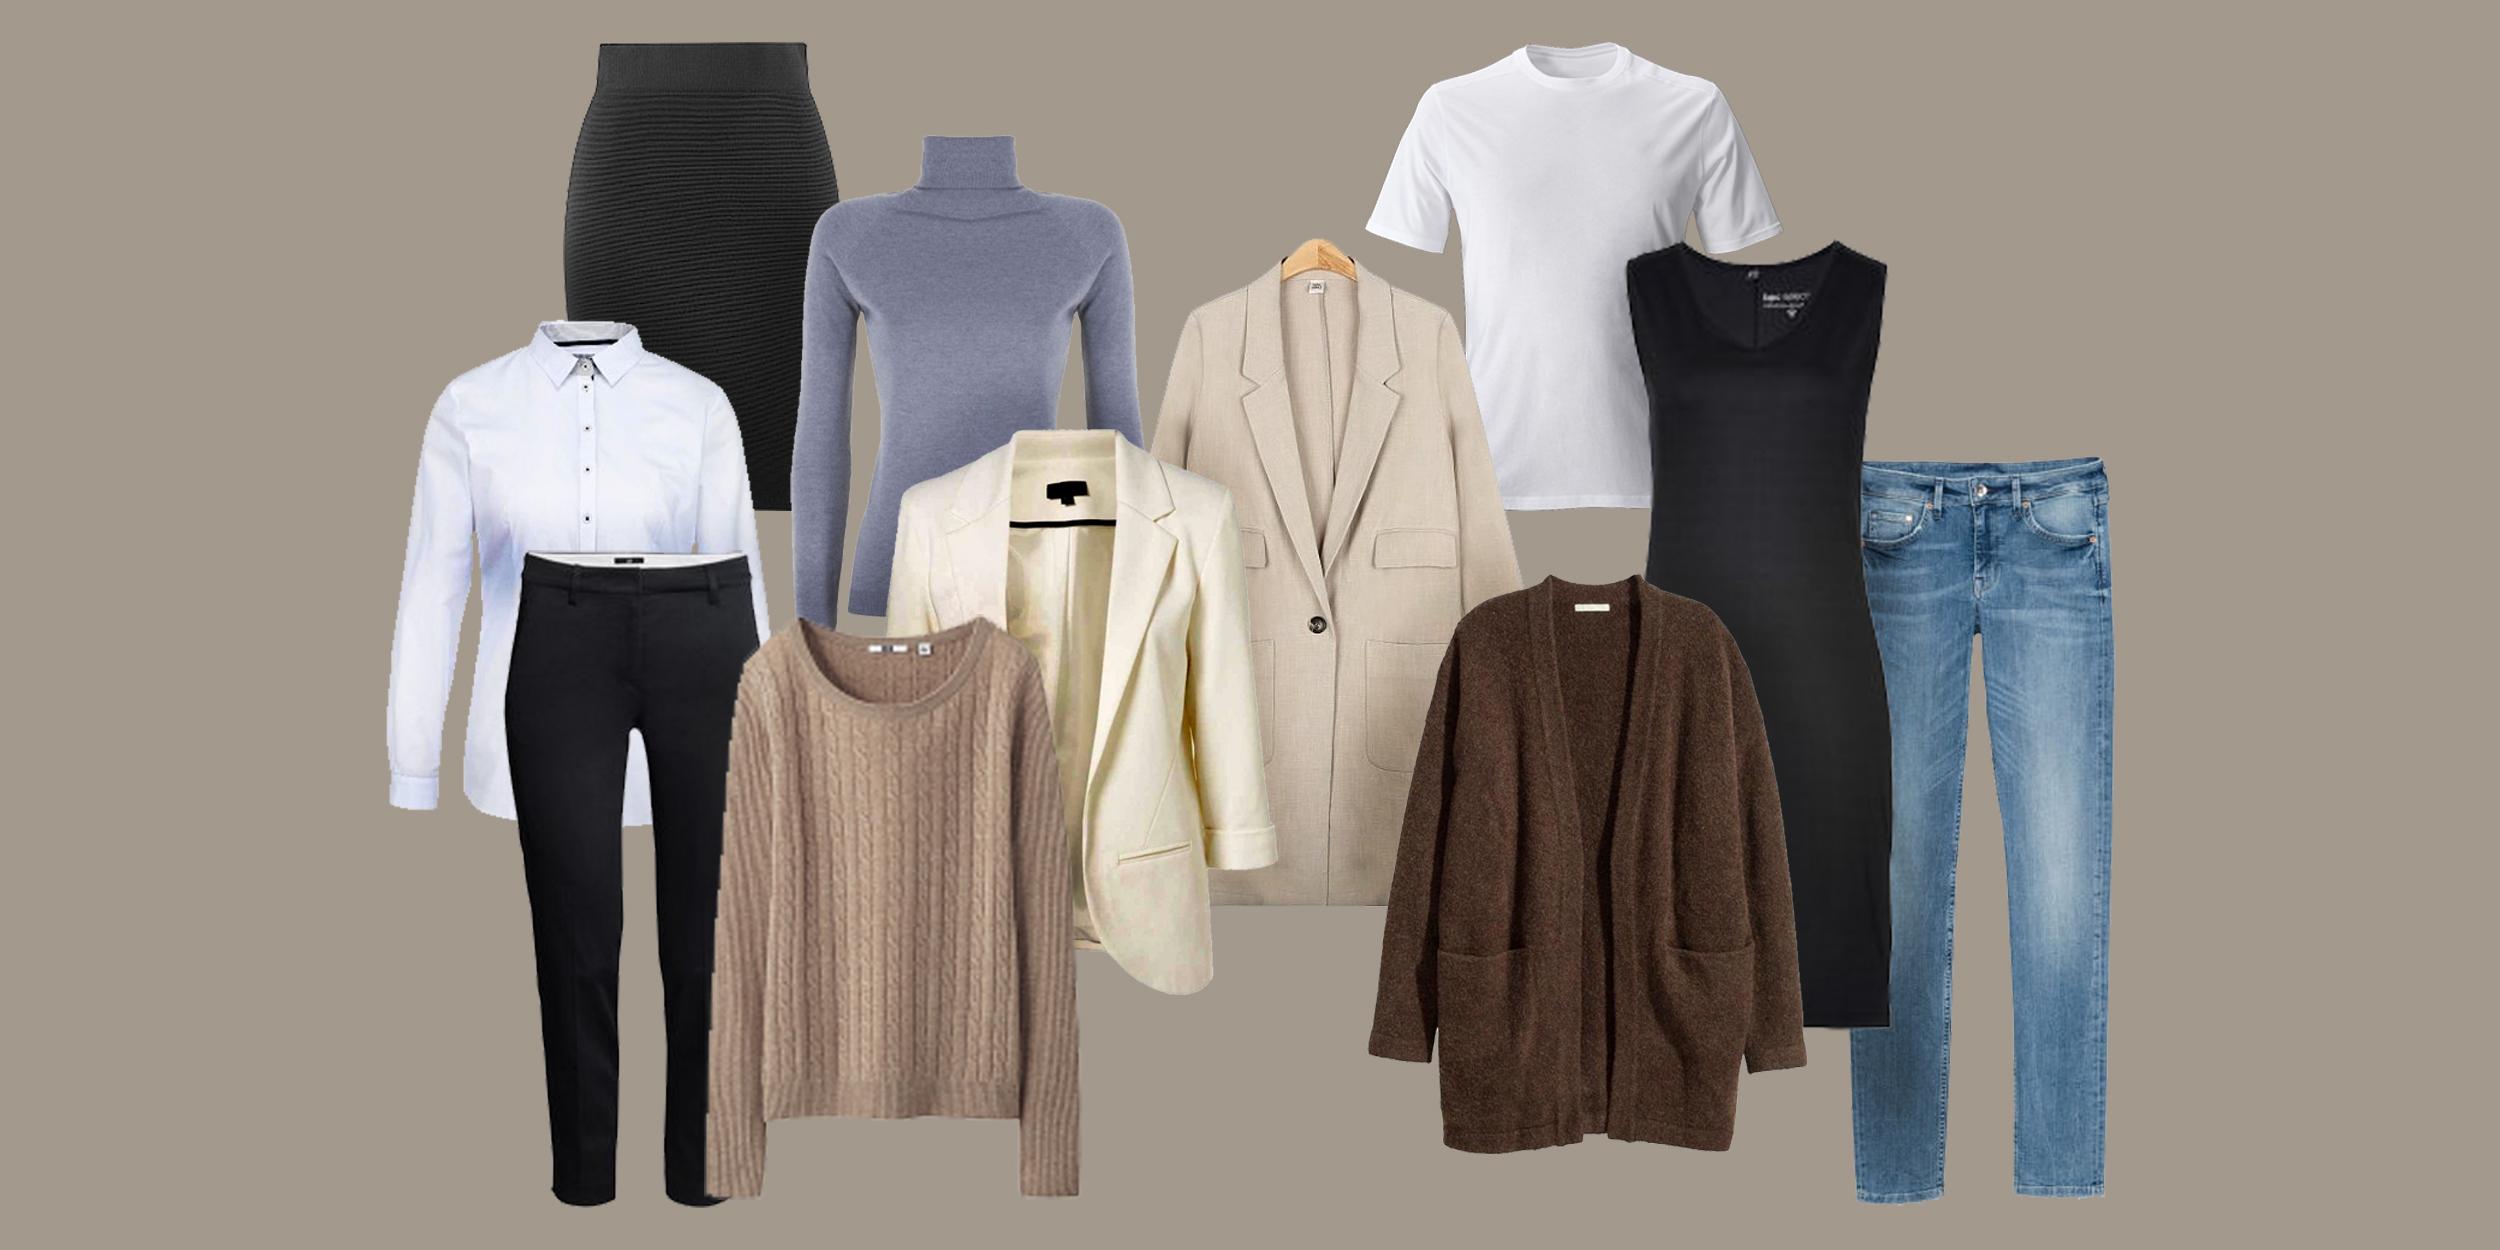 b93160bd2946 Как собрать базовый гардероб: подробный чек-лист для женщин и мужчин ...